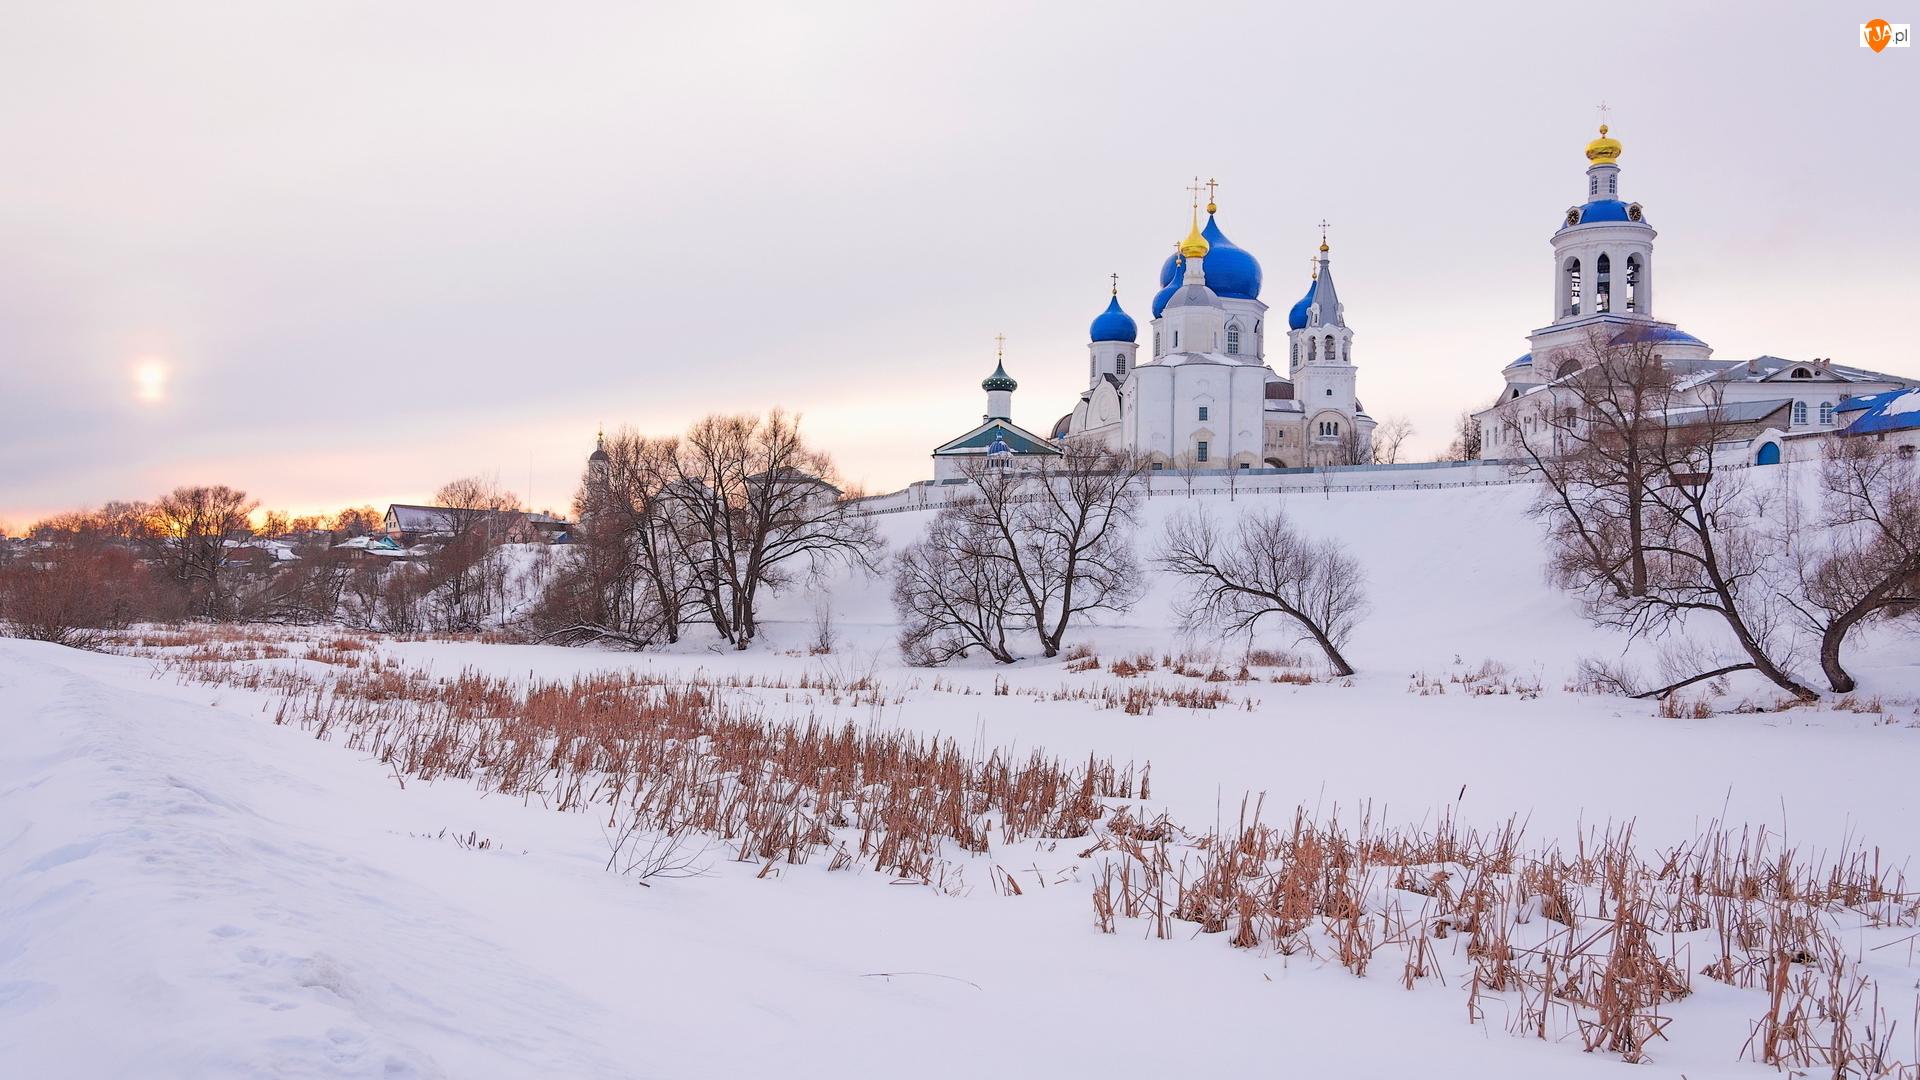 Niebieskie, Cerkiew, Zima, Trawa, Kopuły, Drzewa